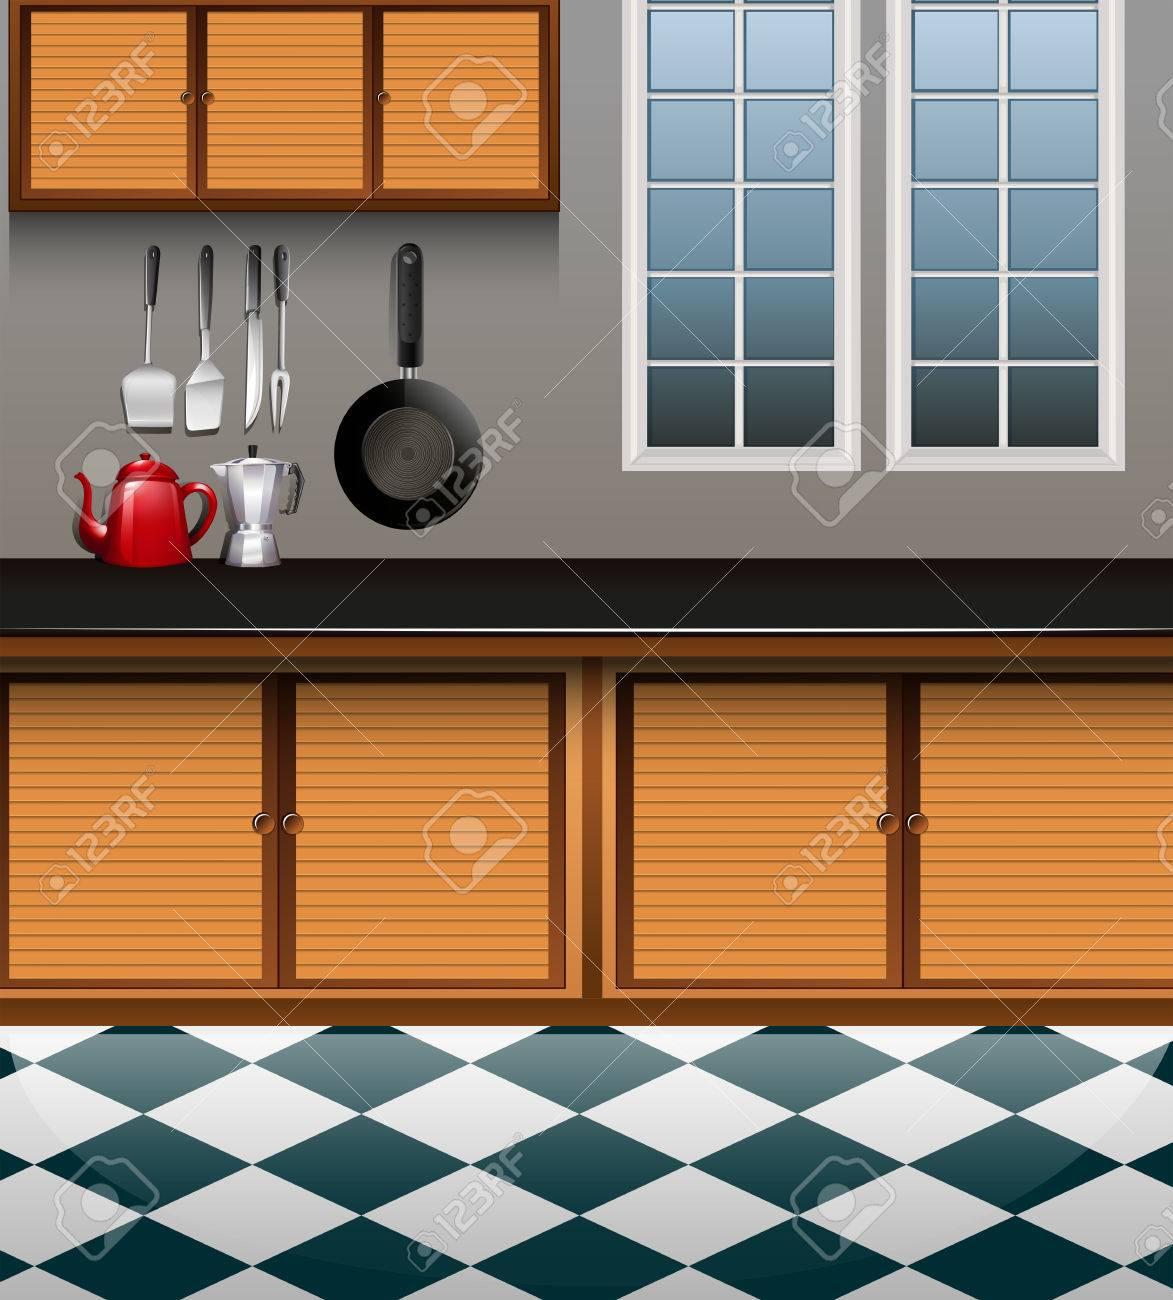 Cocina Con Ilustración Gabinete De Madera Ilustraciones Vectoriales ...